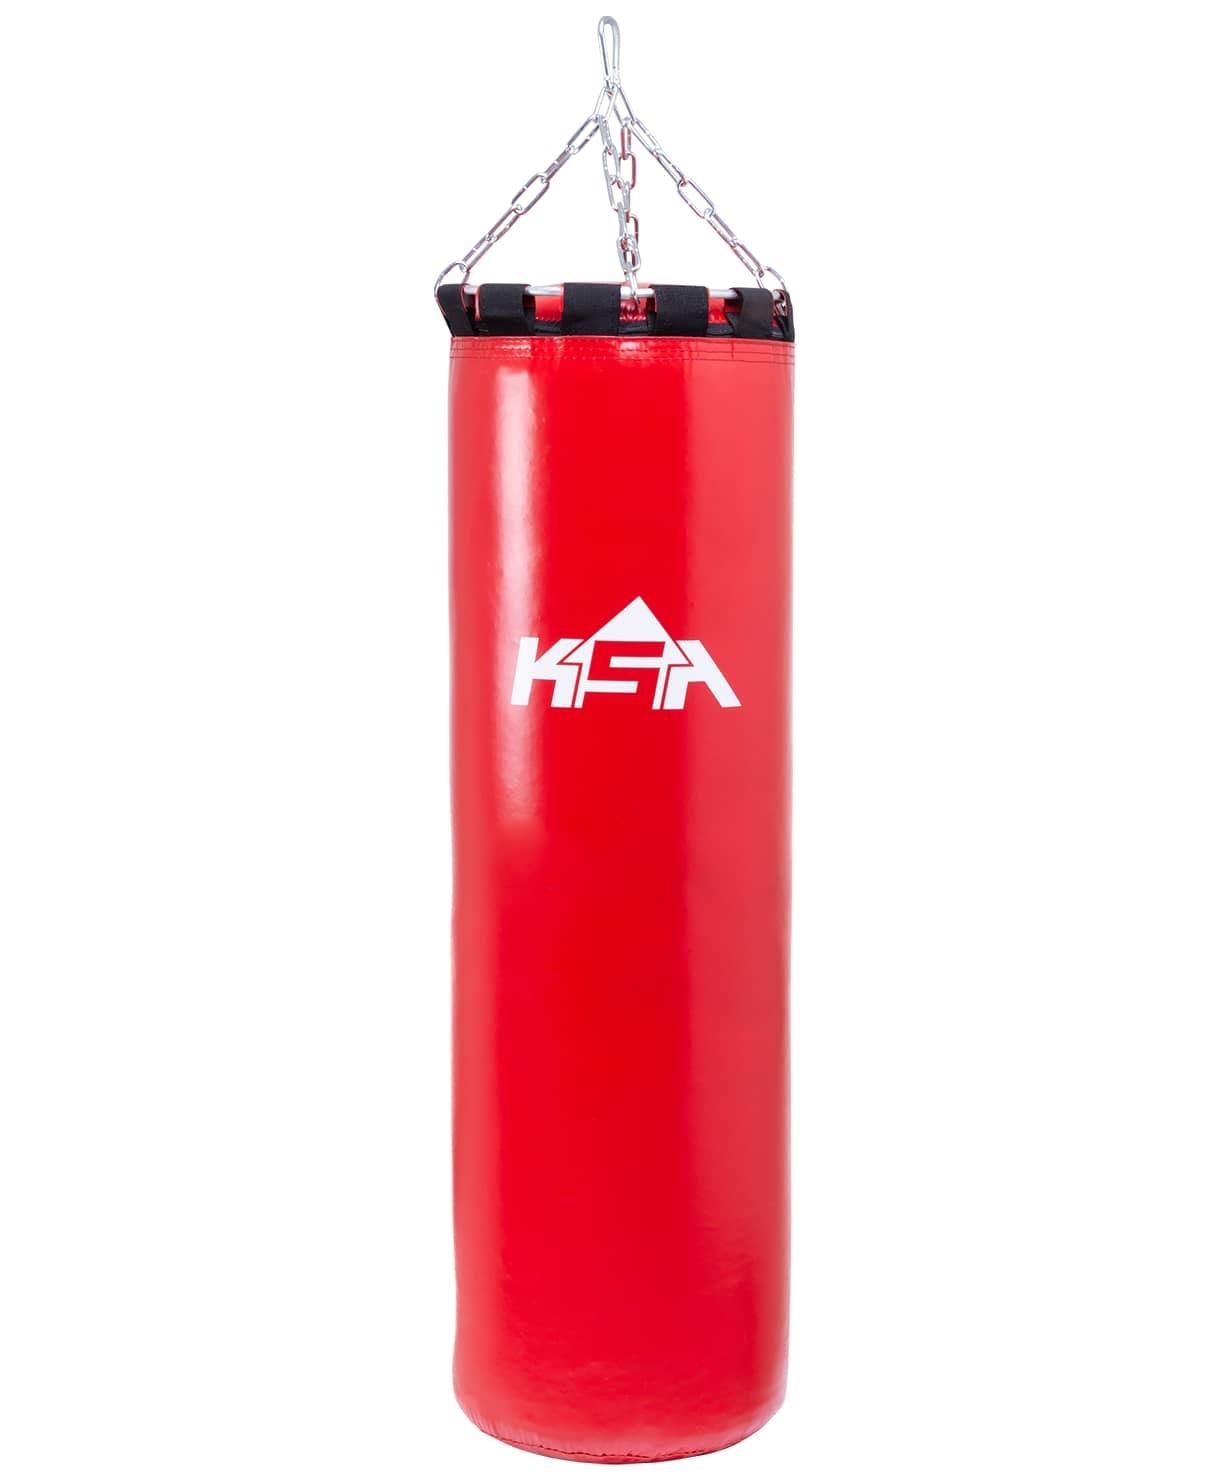 Мешок боксерский PB-01, 75 см, 20 кг, тент, красный